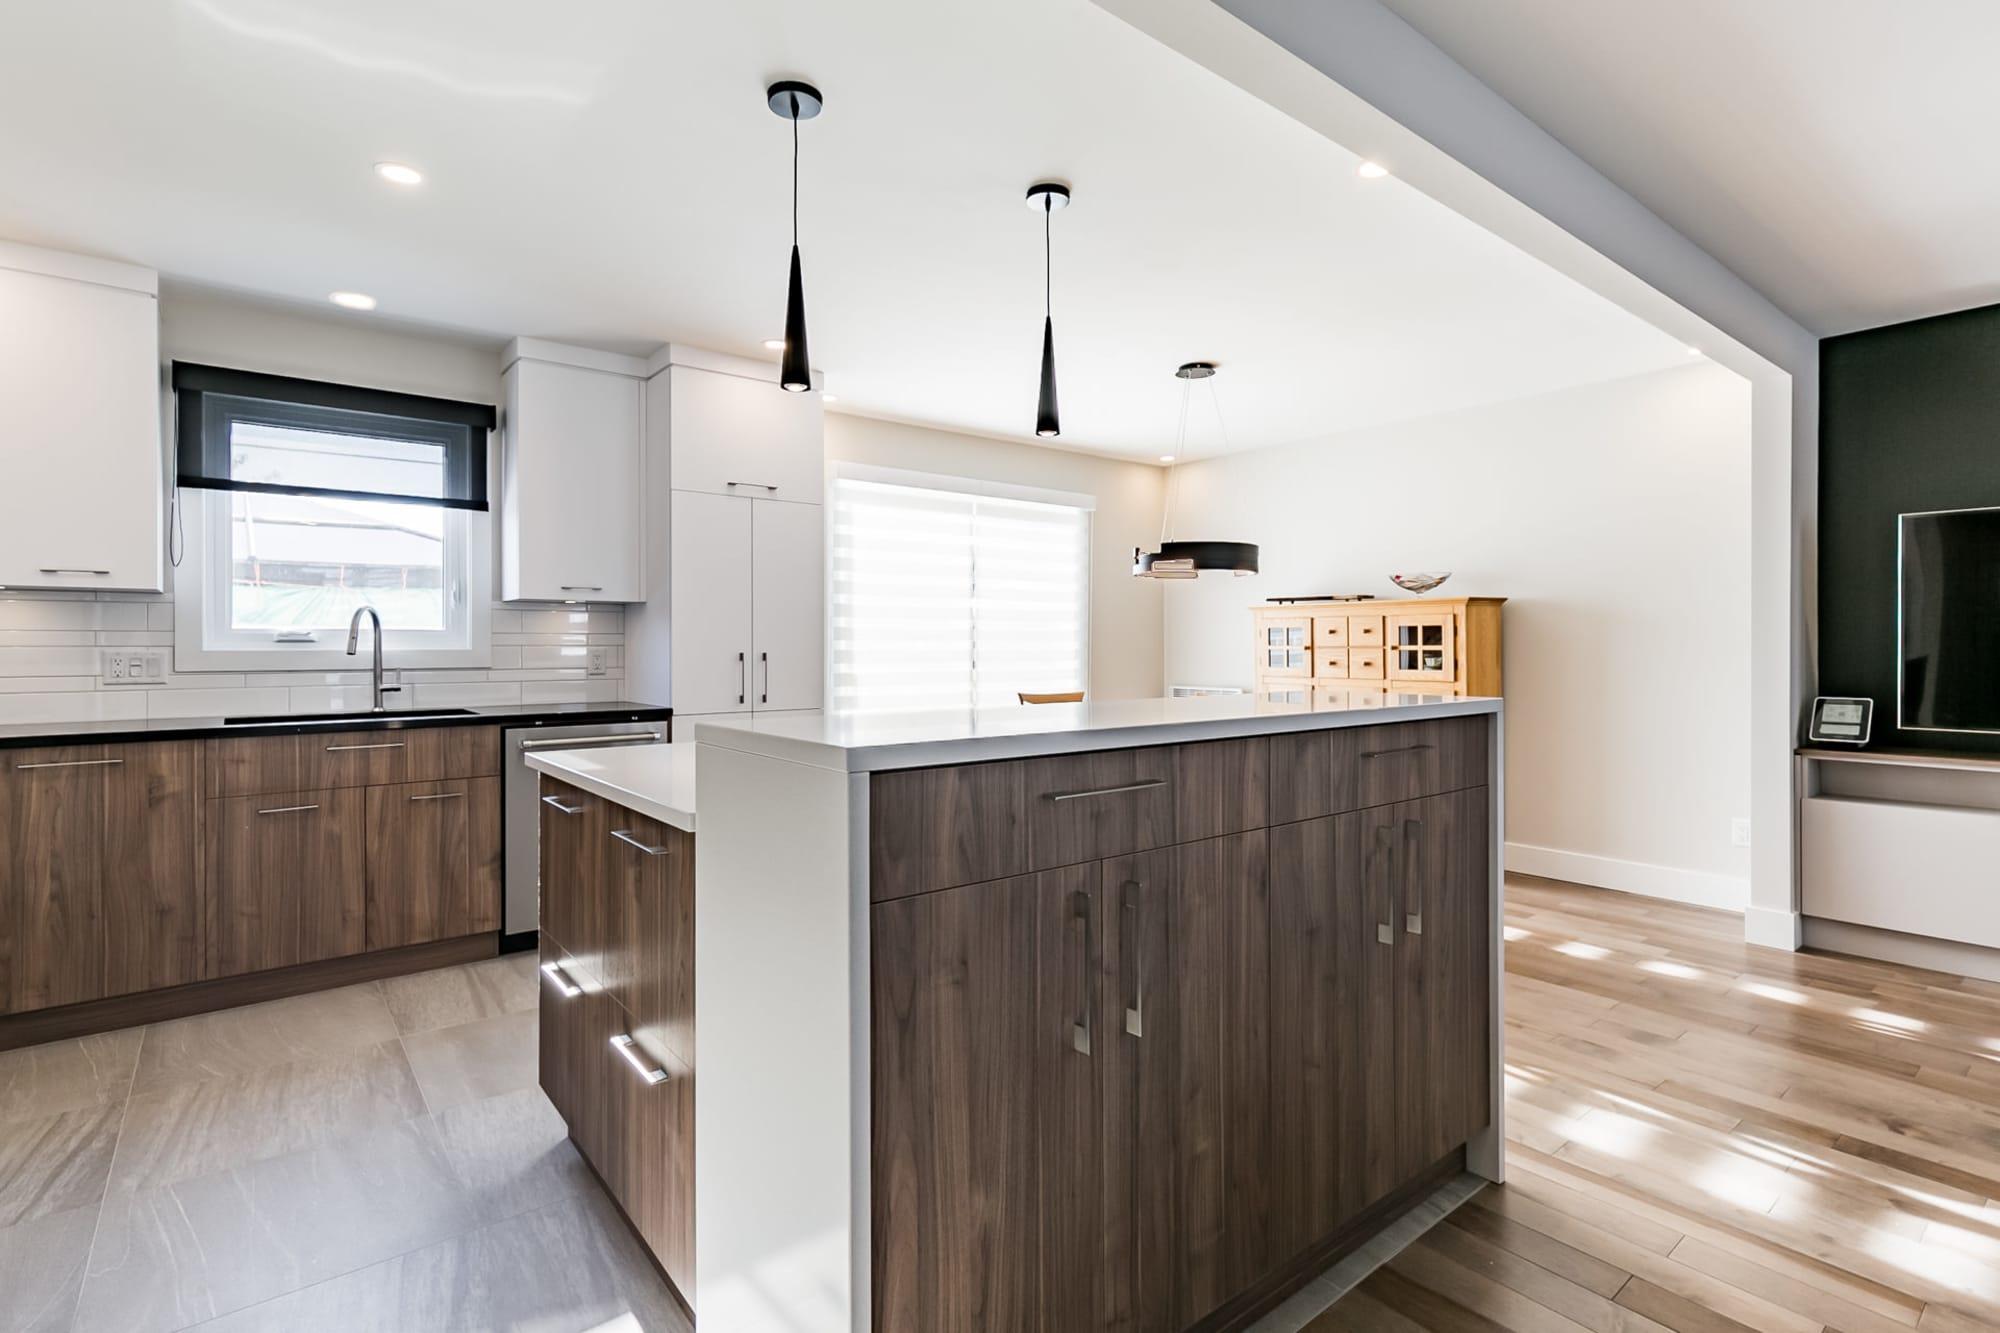 cuisine ouverte de style contemporain avec cabinets deux tons et comptoir en quartz